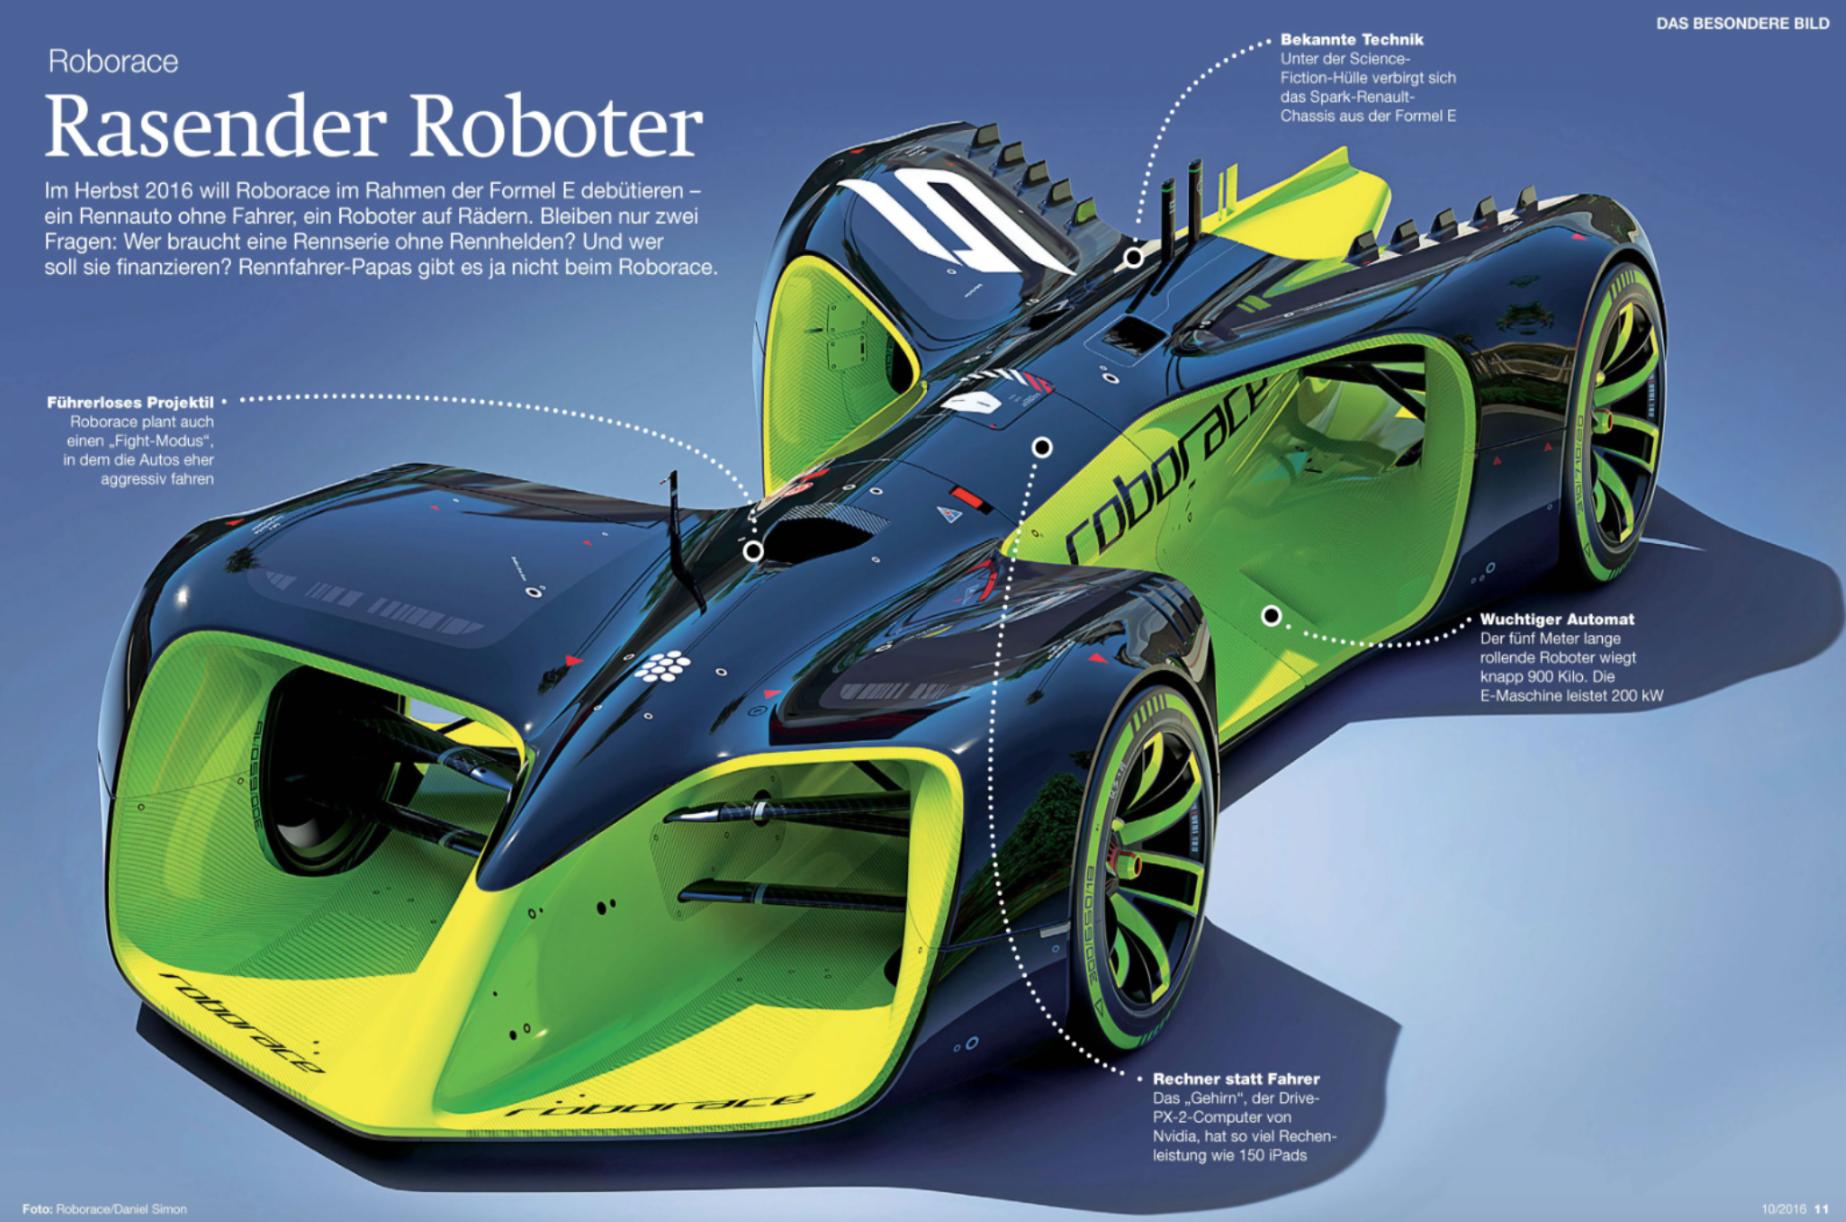 Roborace - Der rasende Roboter bei der Formel E. Das erste Rennauto ...